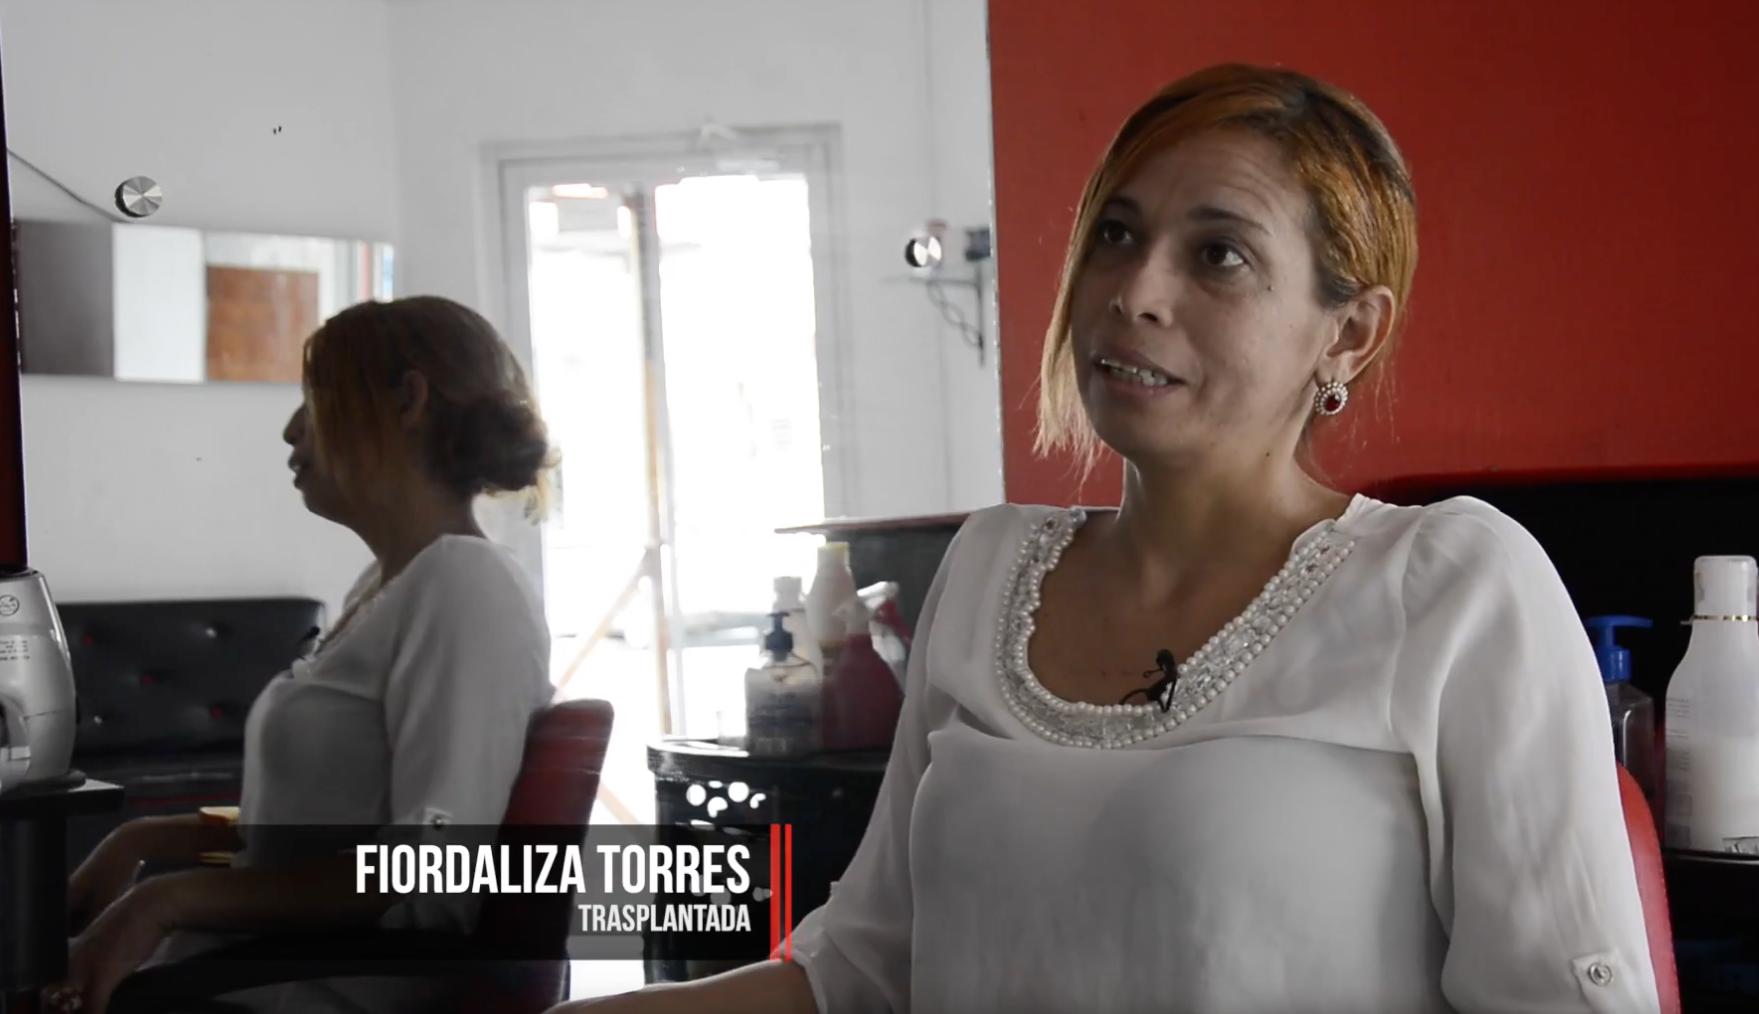 Fiordaliza Torres